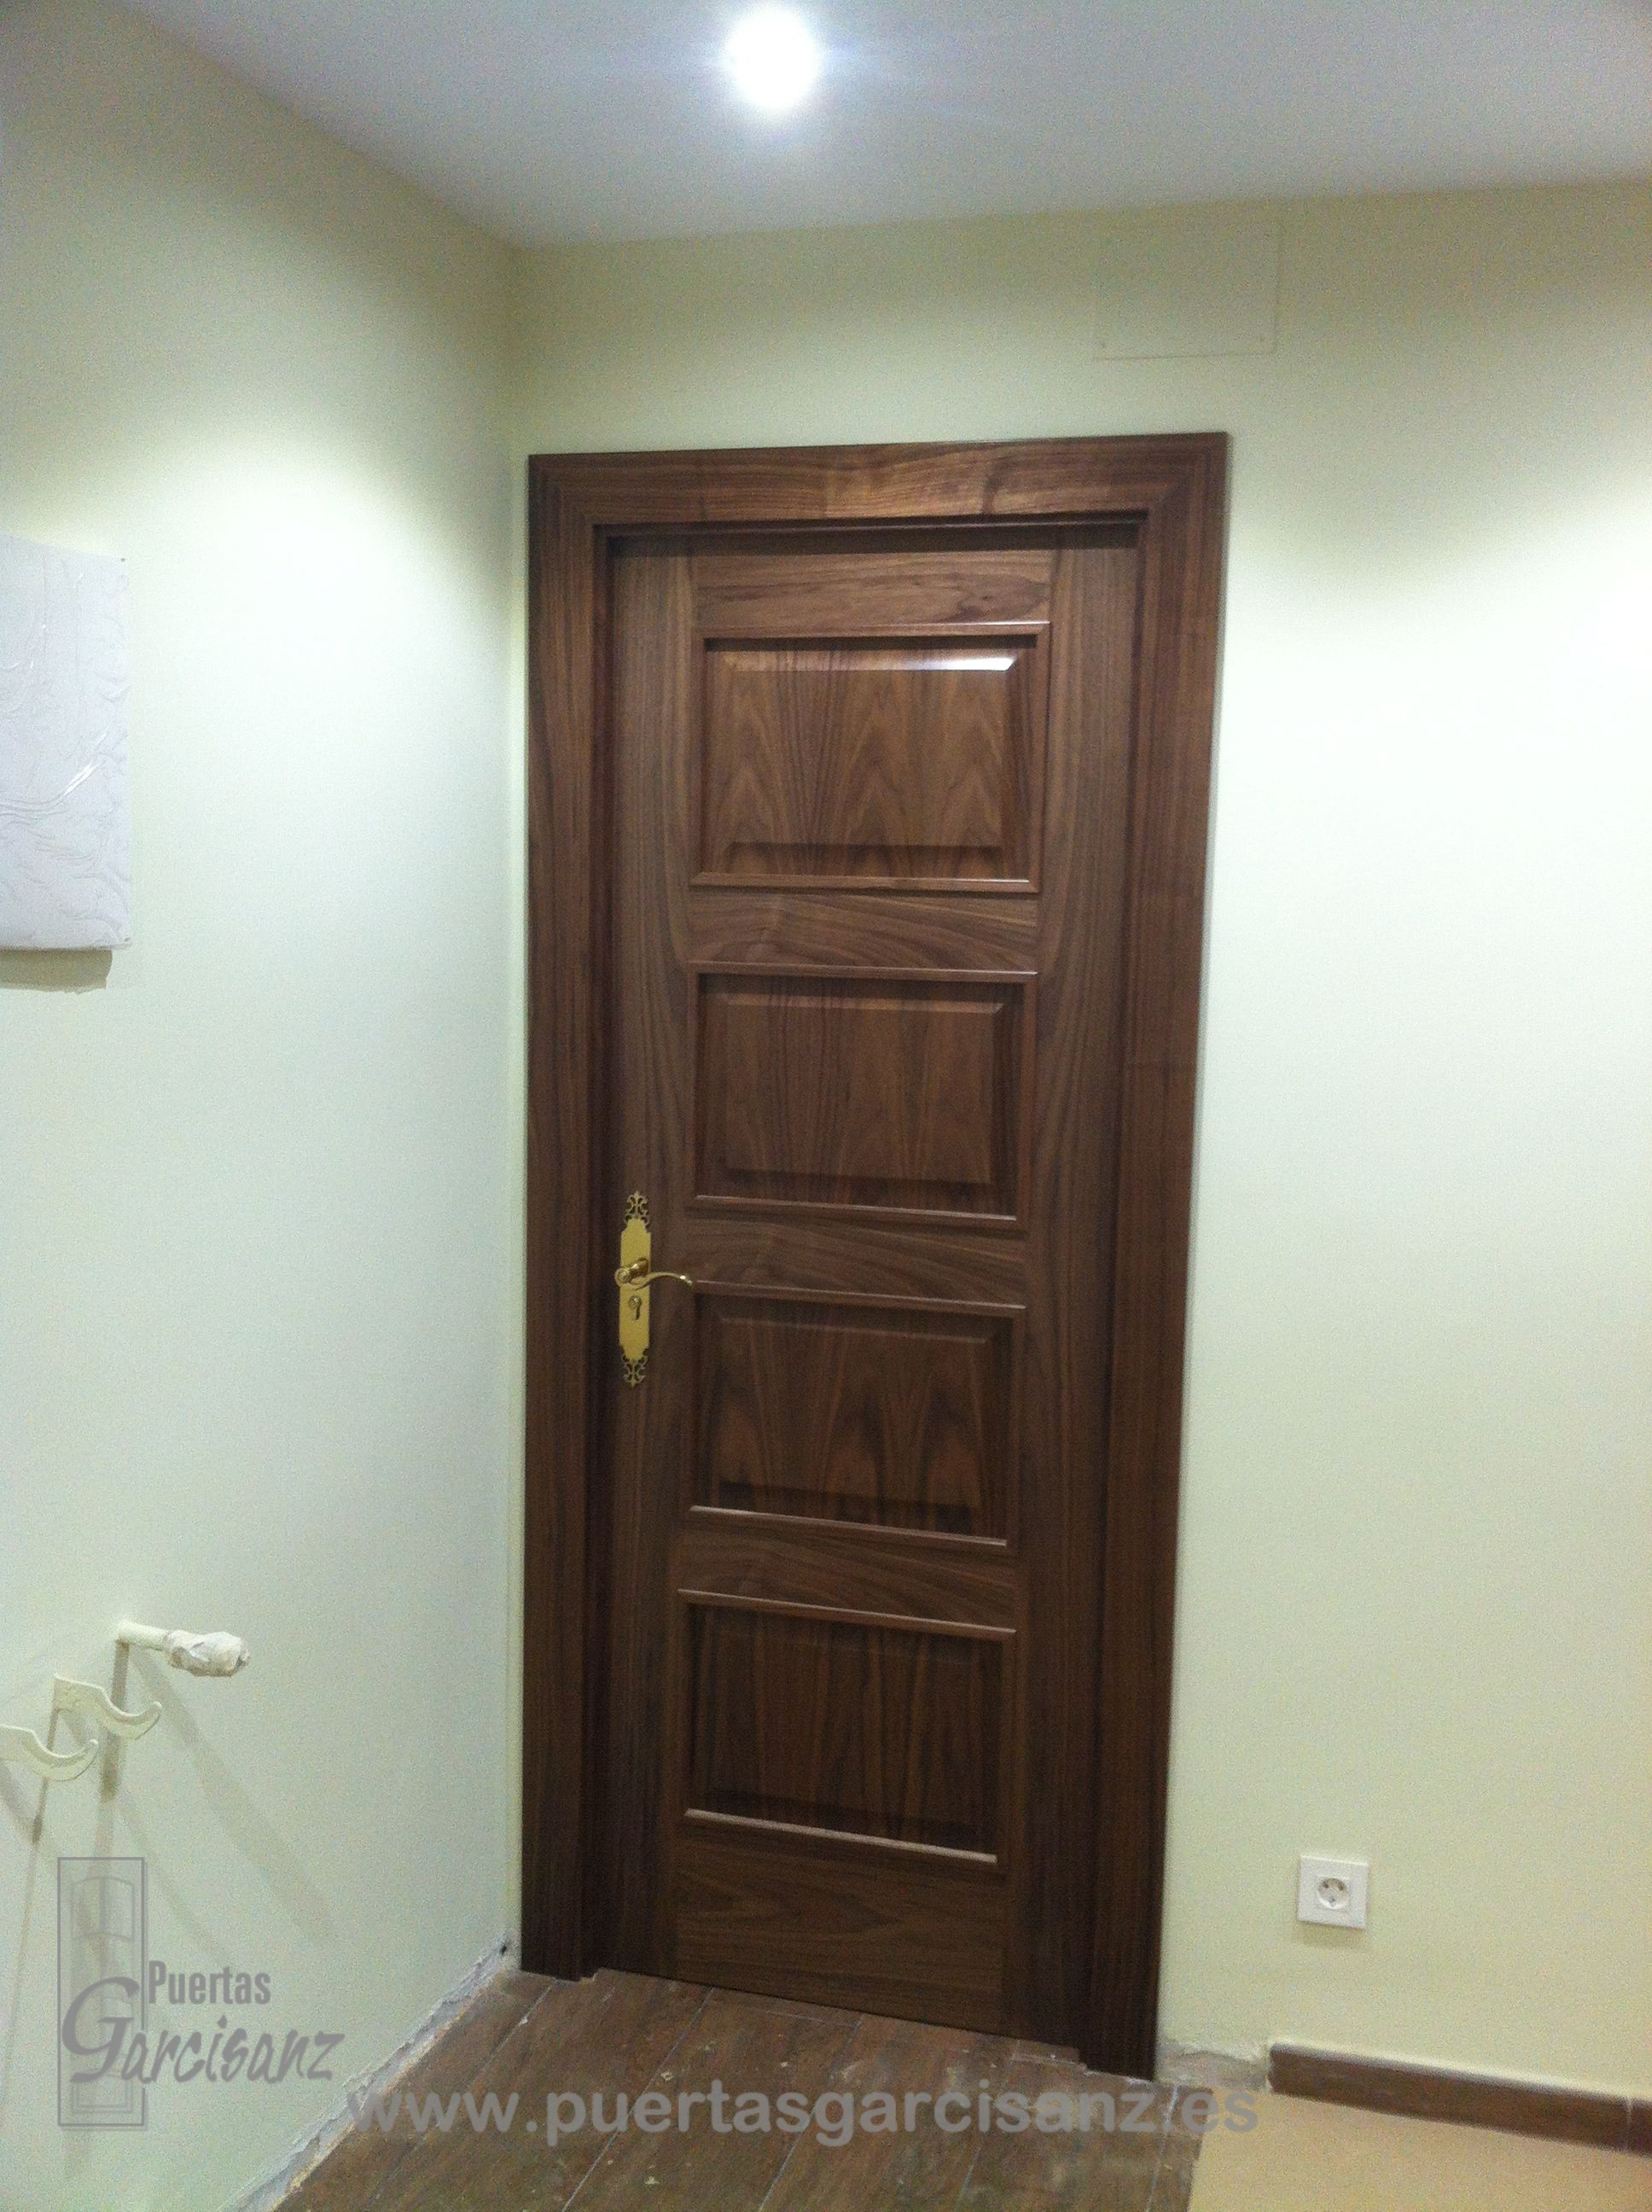 Puerta de interior mod 4200 en chapa de nogal puertas for Puertas de metal para interiores